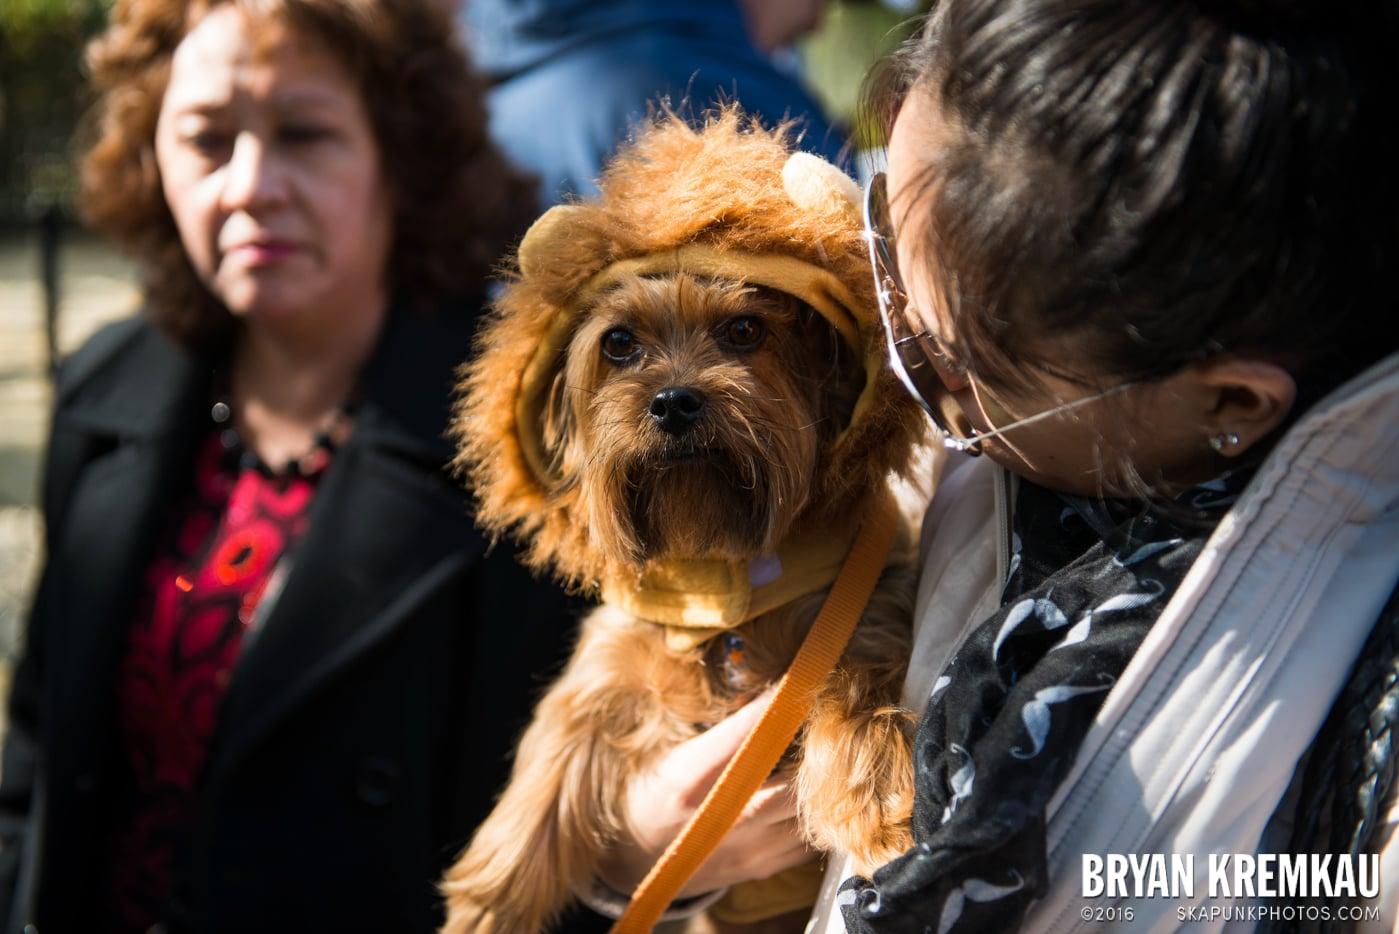 Tompkins Square Halloween Dog Parade 2013 @ Tompkins Square Park, NYC - 10.26.13 (66)